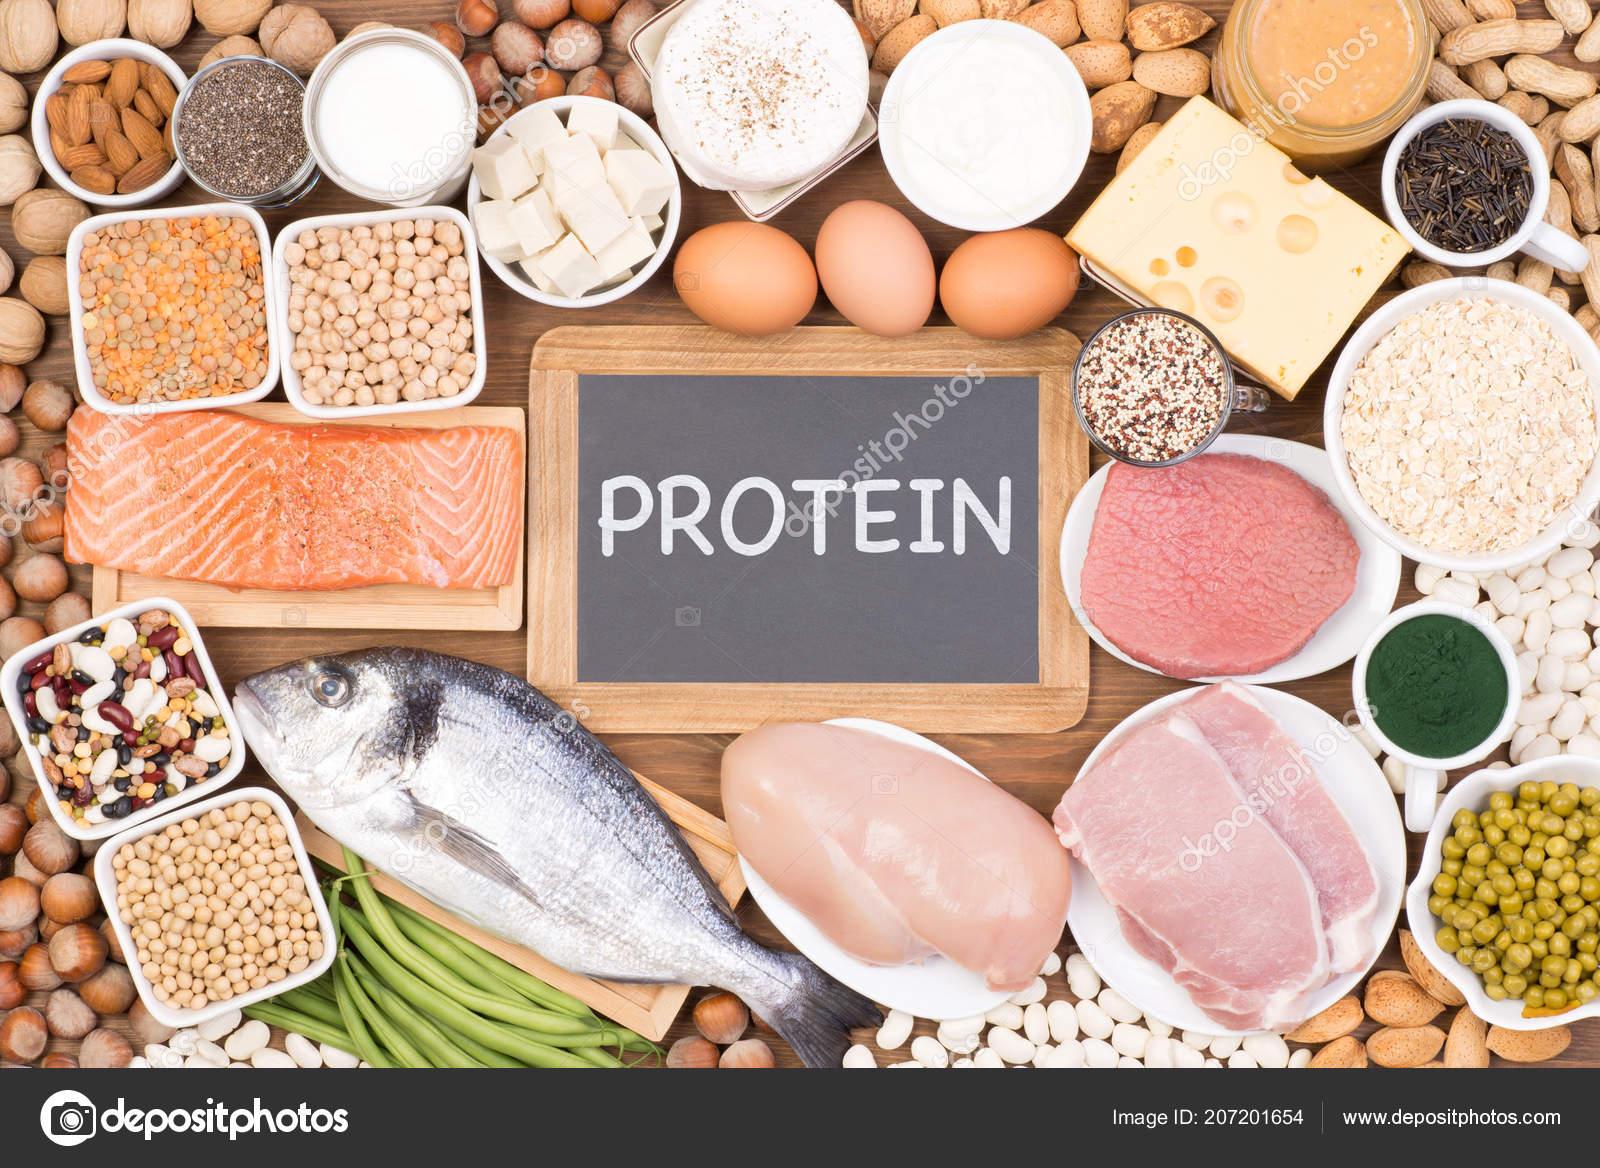 Что нужно и можно есть при диете без мяса перечень, инфографика.